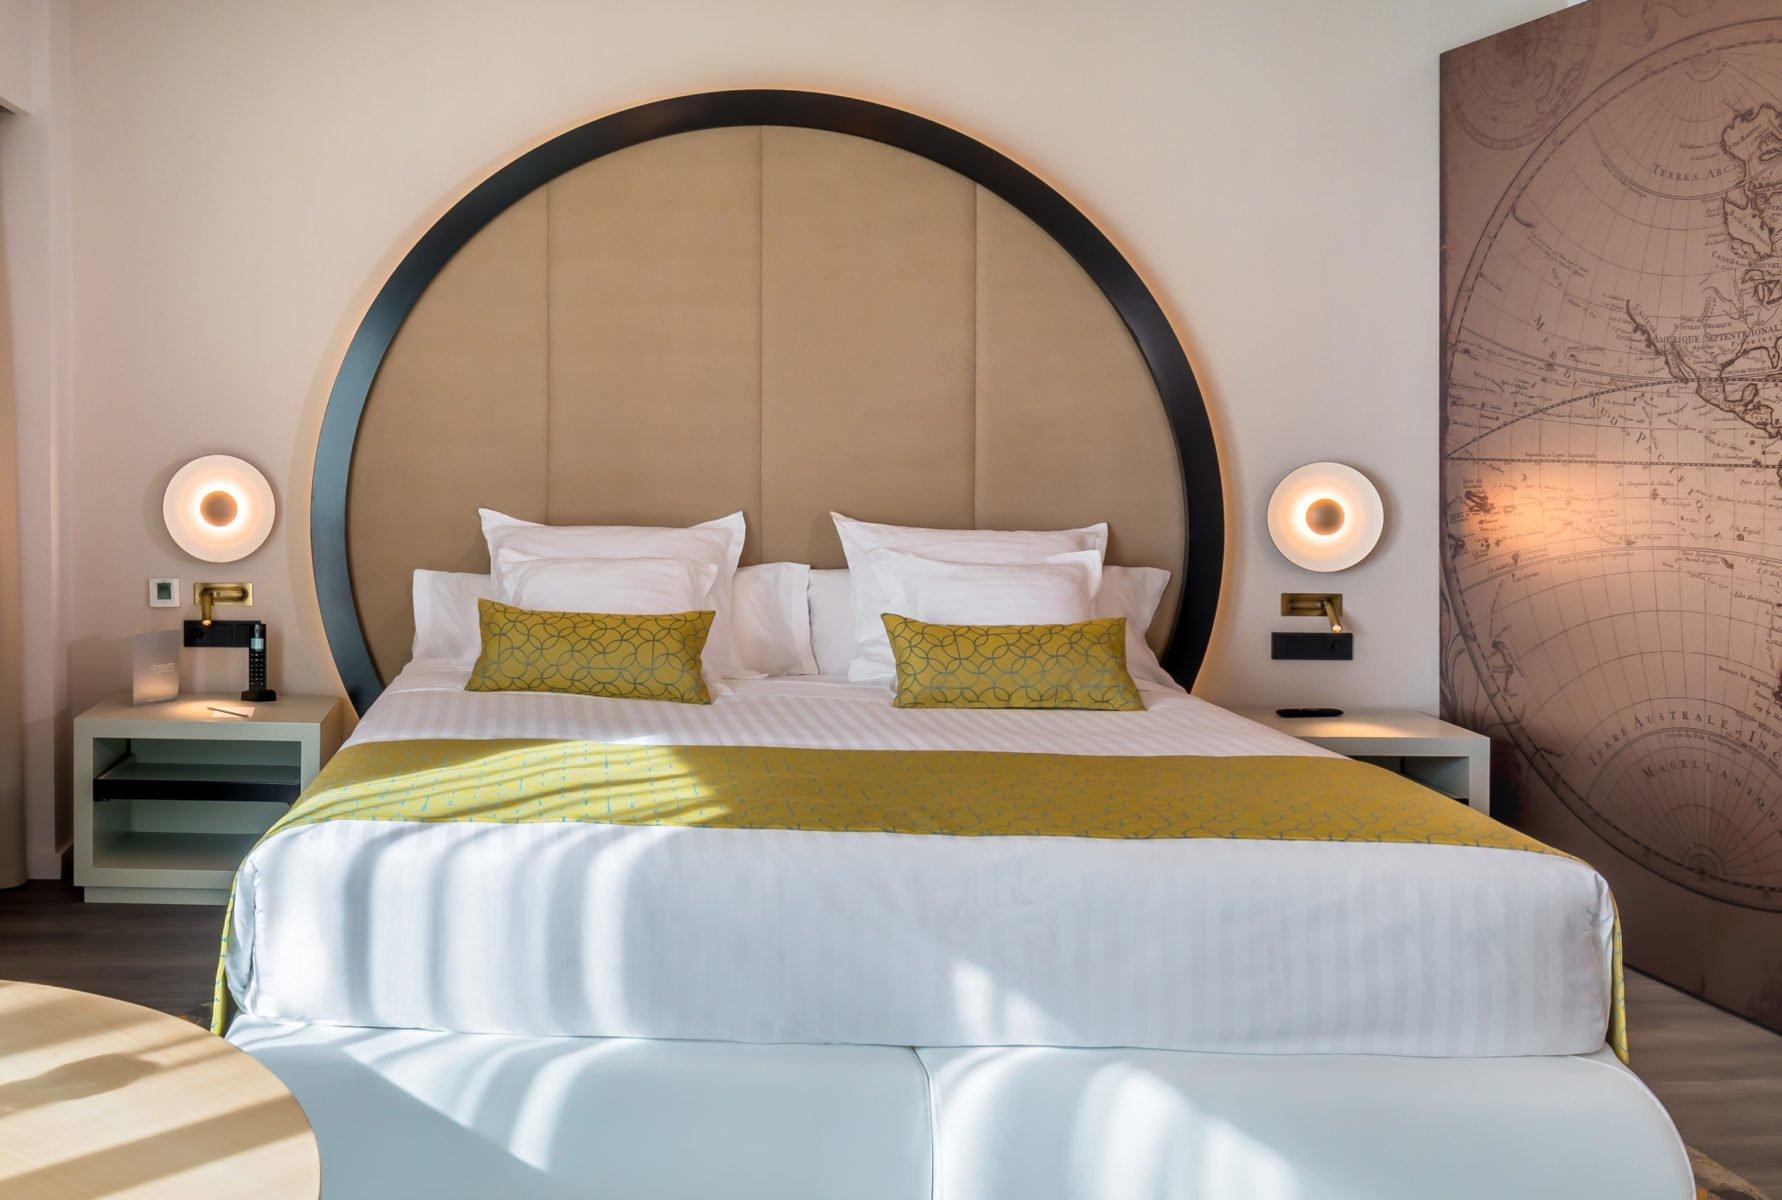 es-hotel-barcelo-sevilla-ginger-ledtube